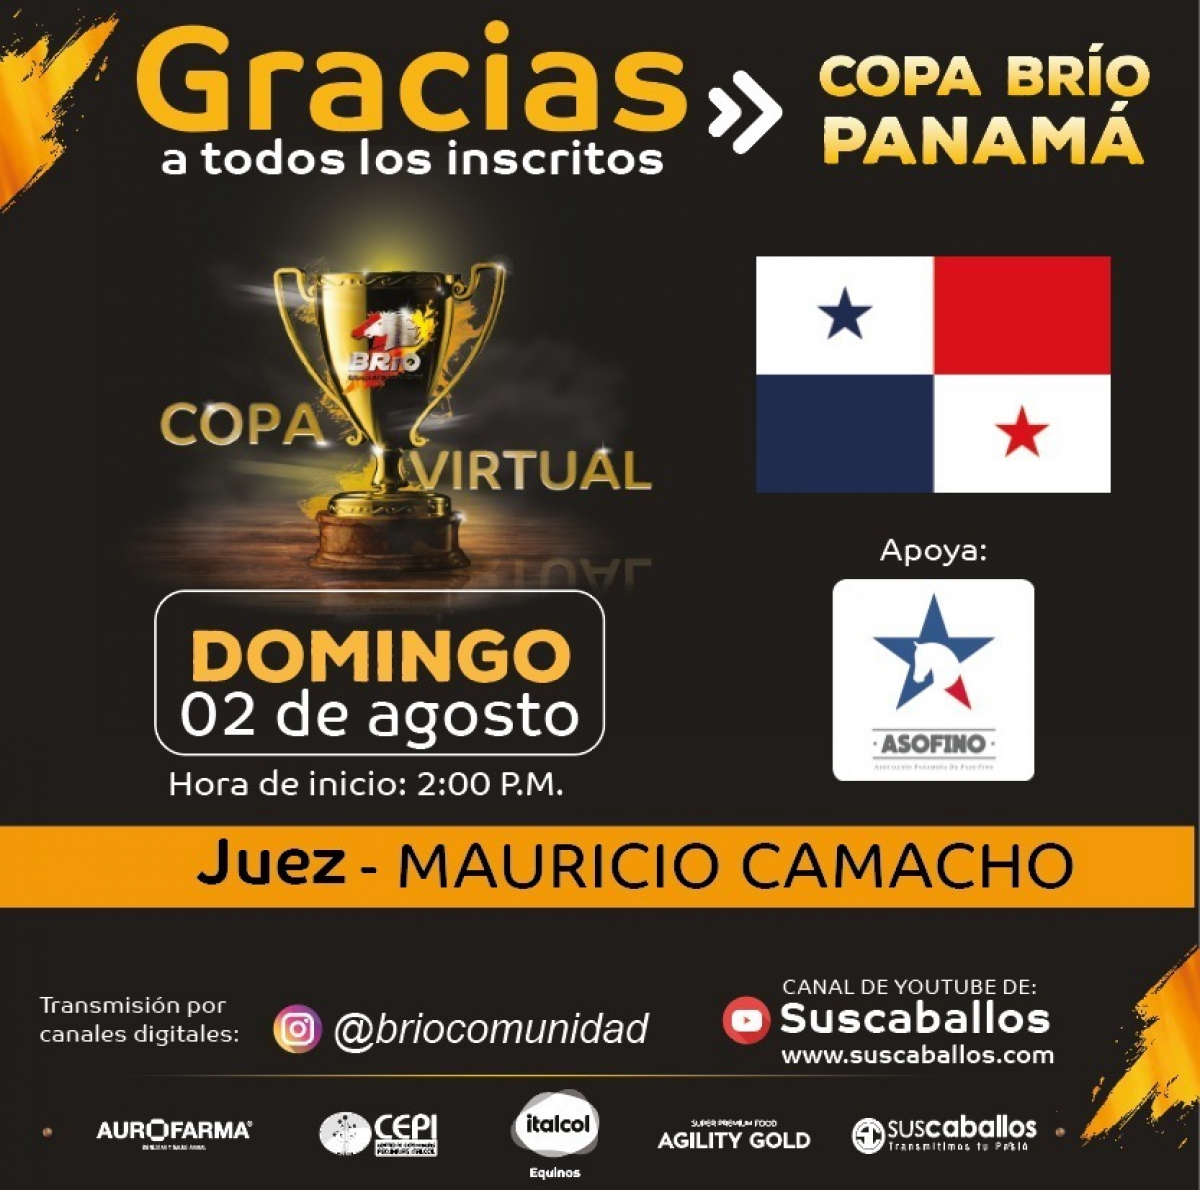 Transmisión COPA BRÍO PANAMÁ domingo 2 de agosto